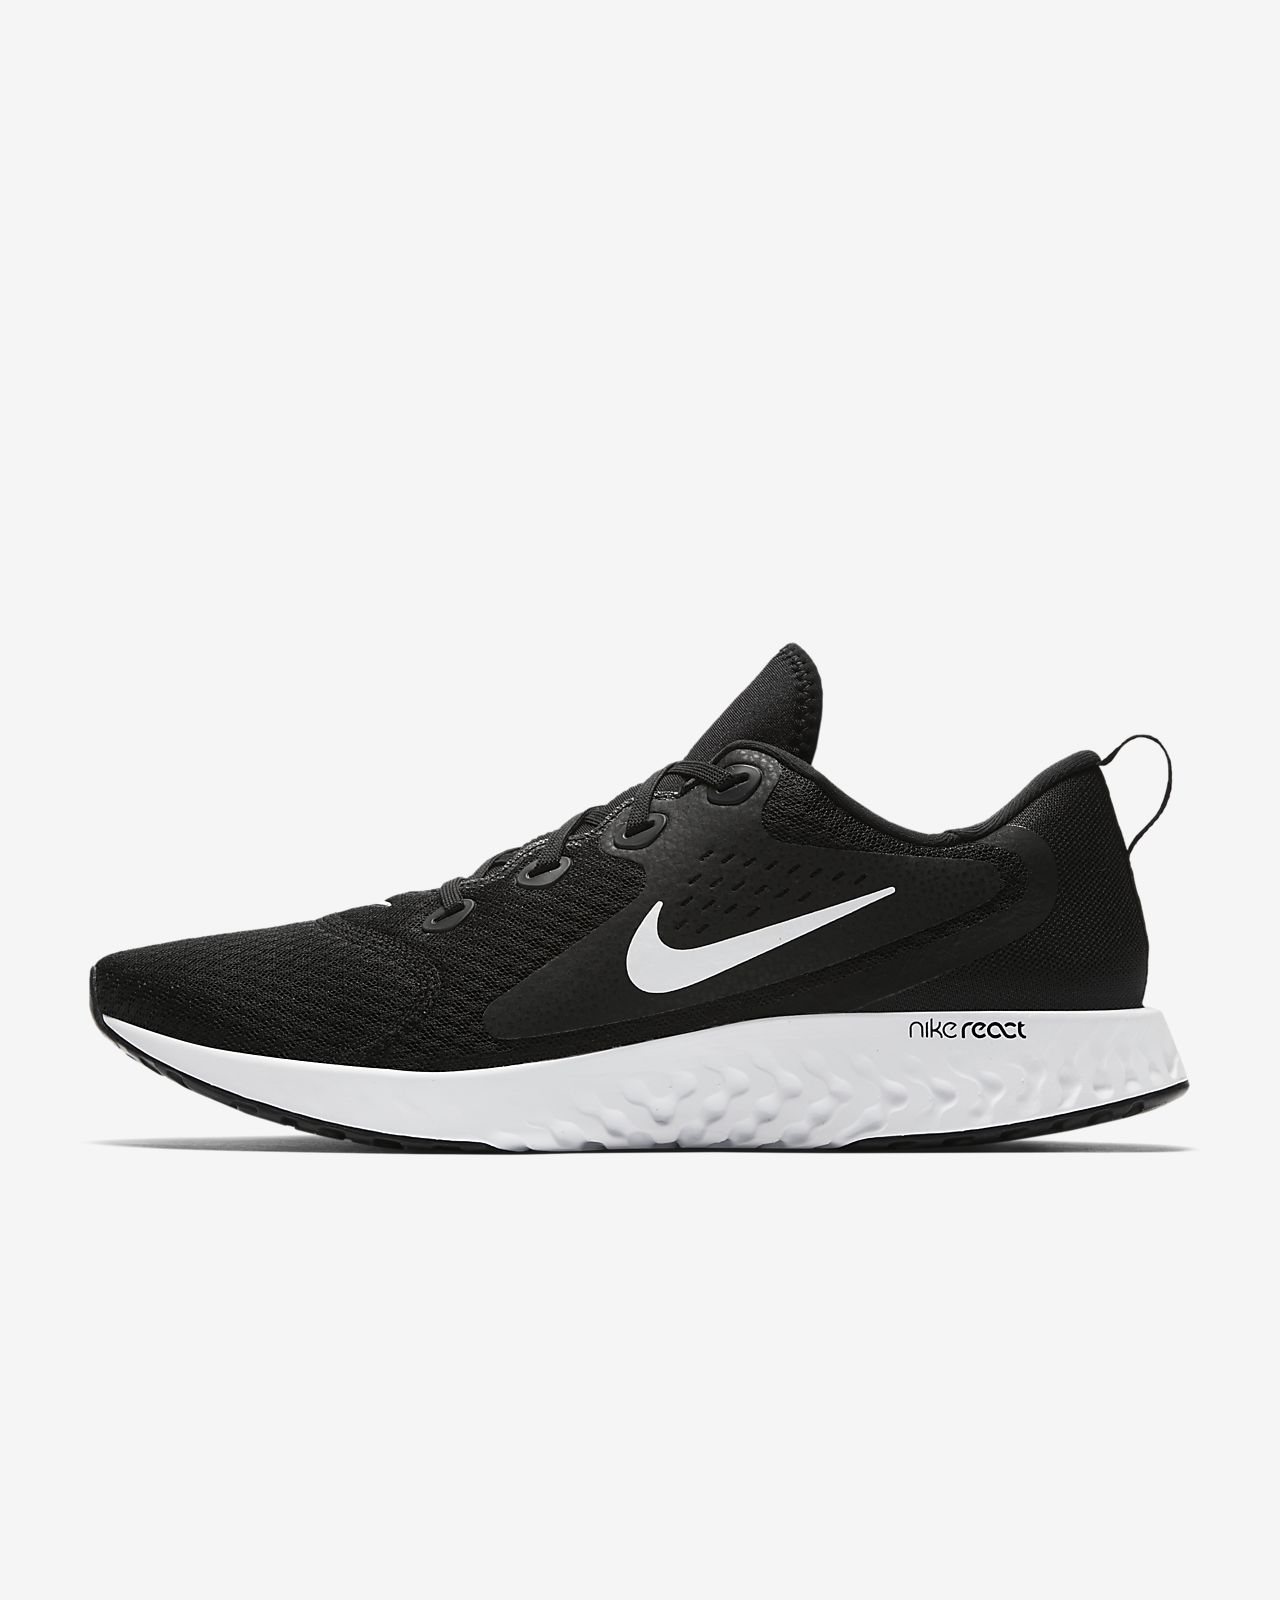 free shipping 08397 20d27 ... Löparsko Nike Legend React för män